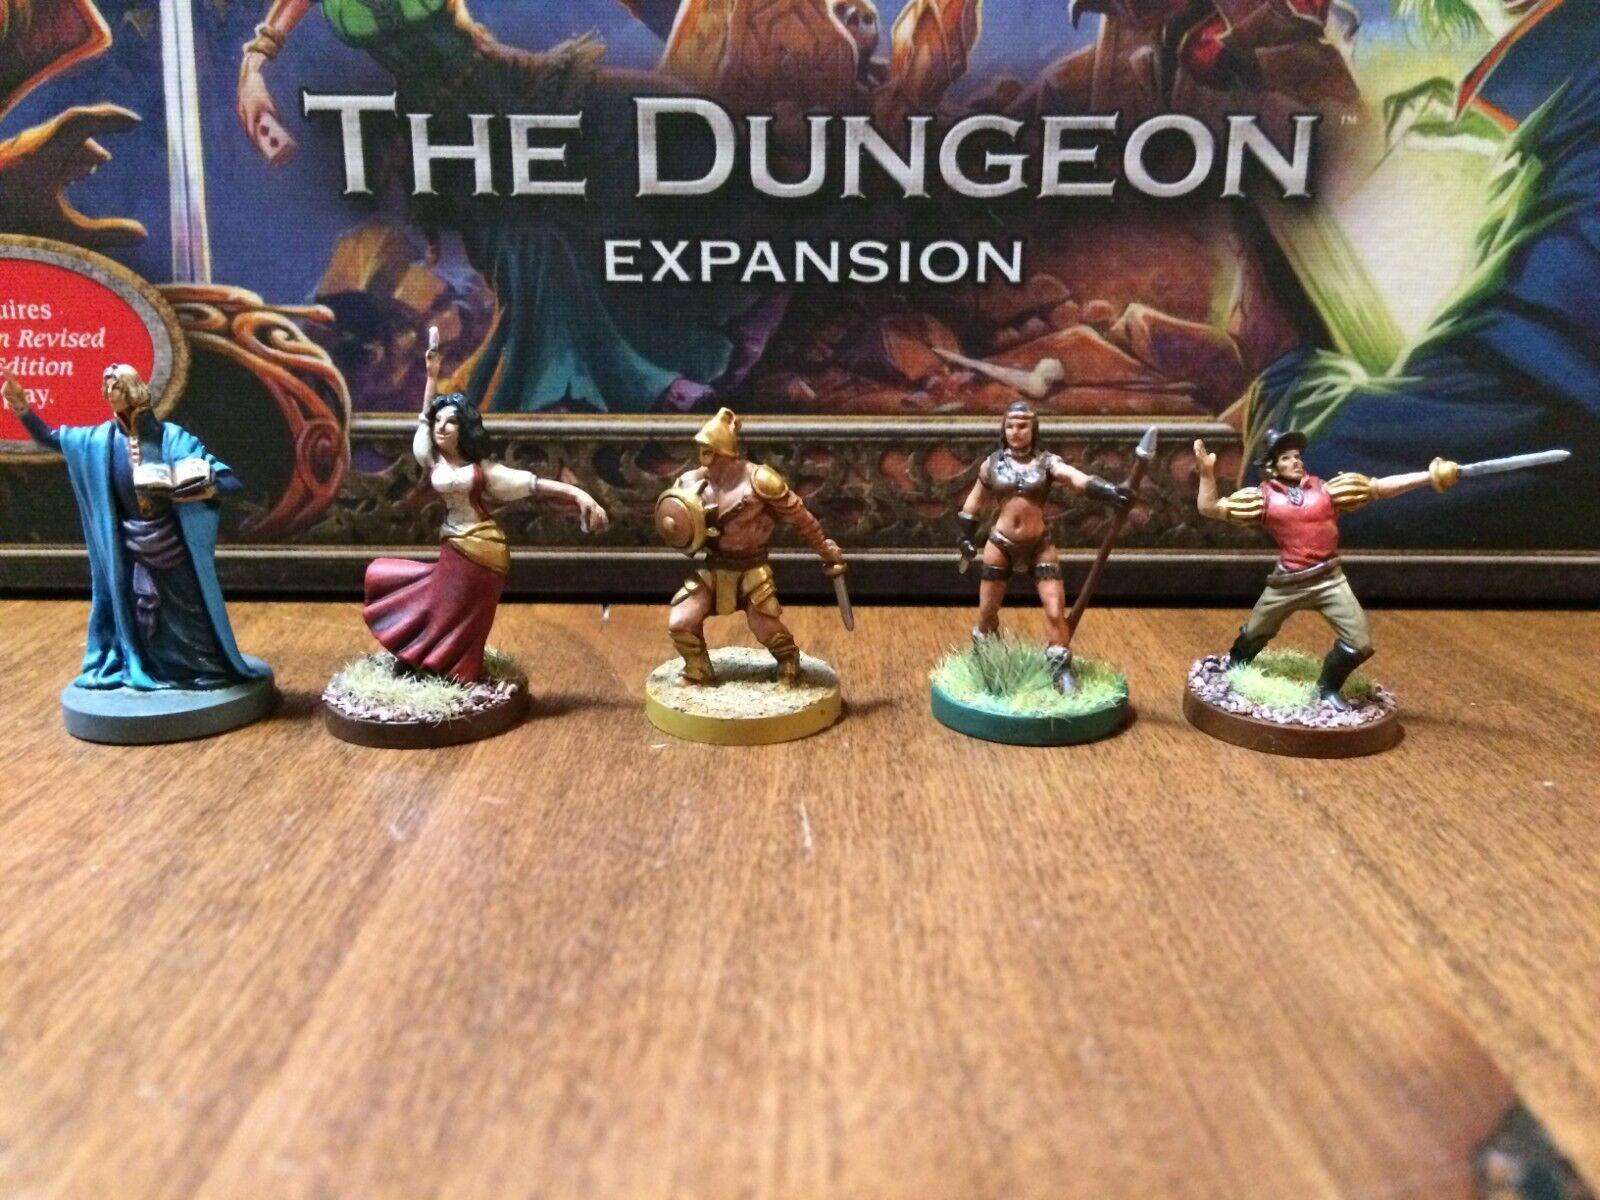 Talisuomo   The Dungeon Expansion - Used - Painted Minis  prezzi bassi di tutti i giorni